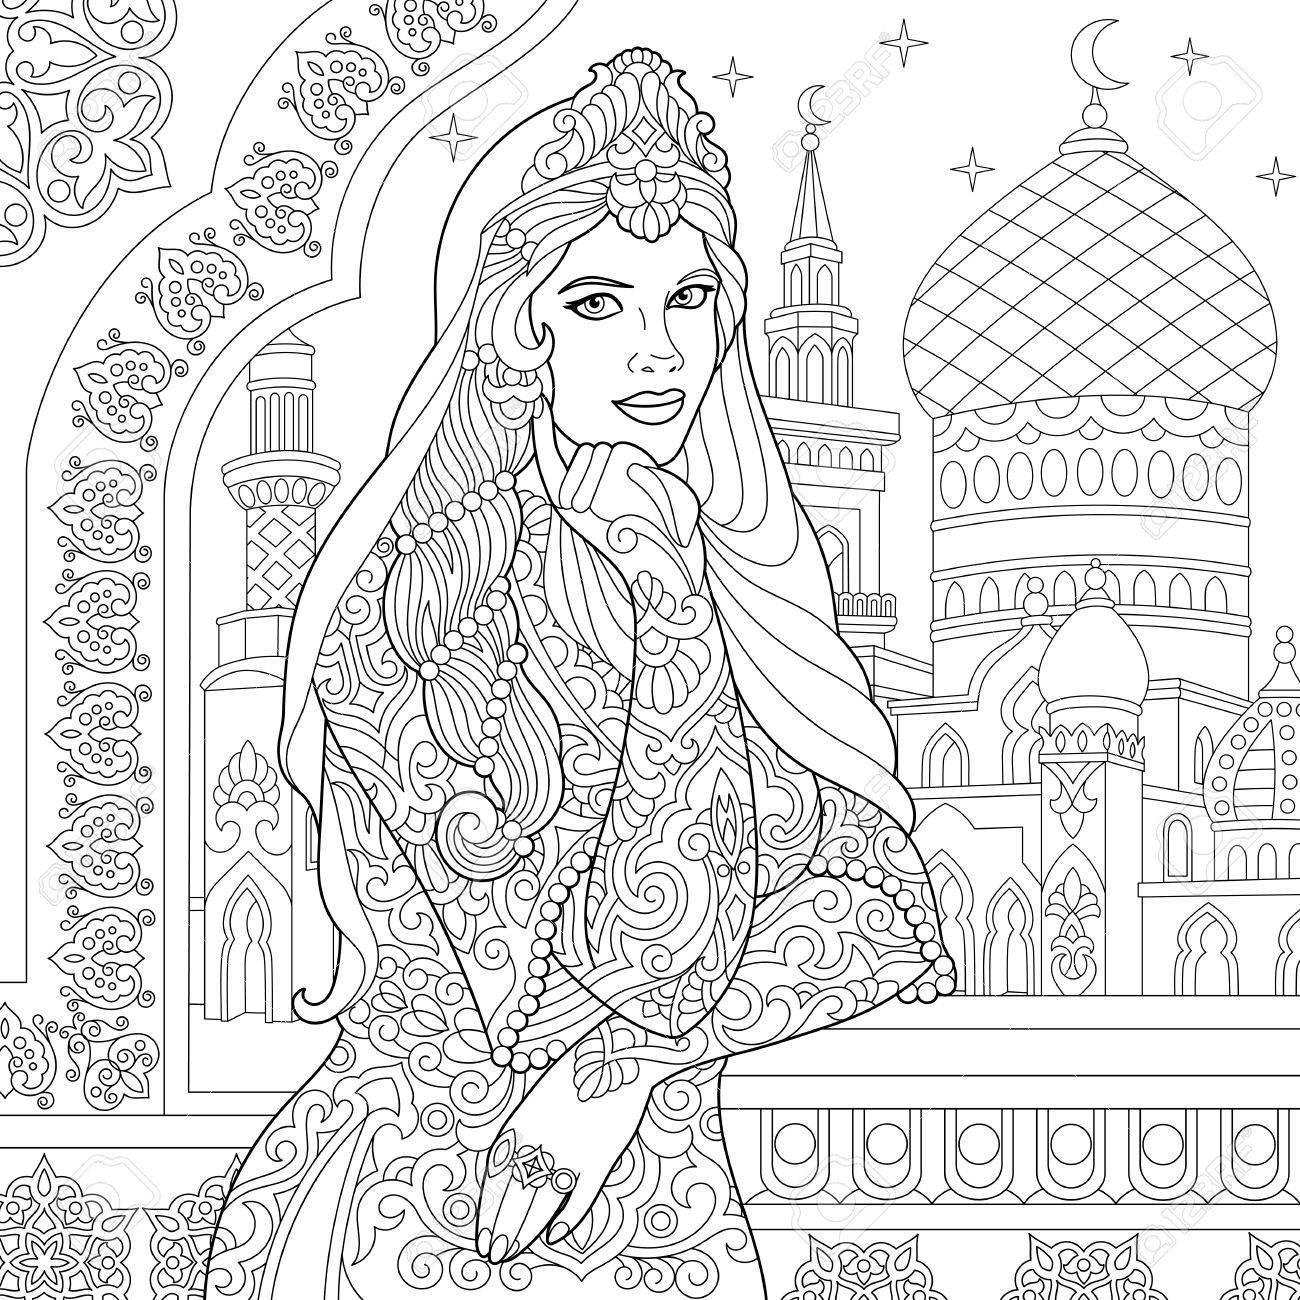 Malvorlage Der Türkischen Frau. Islamische Filigrane Dekor ...